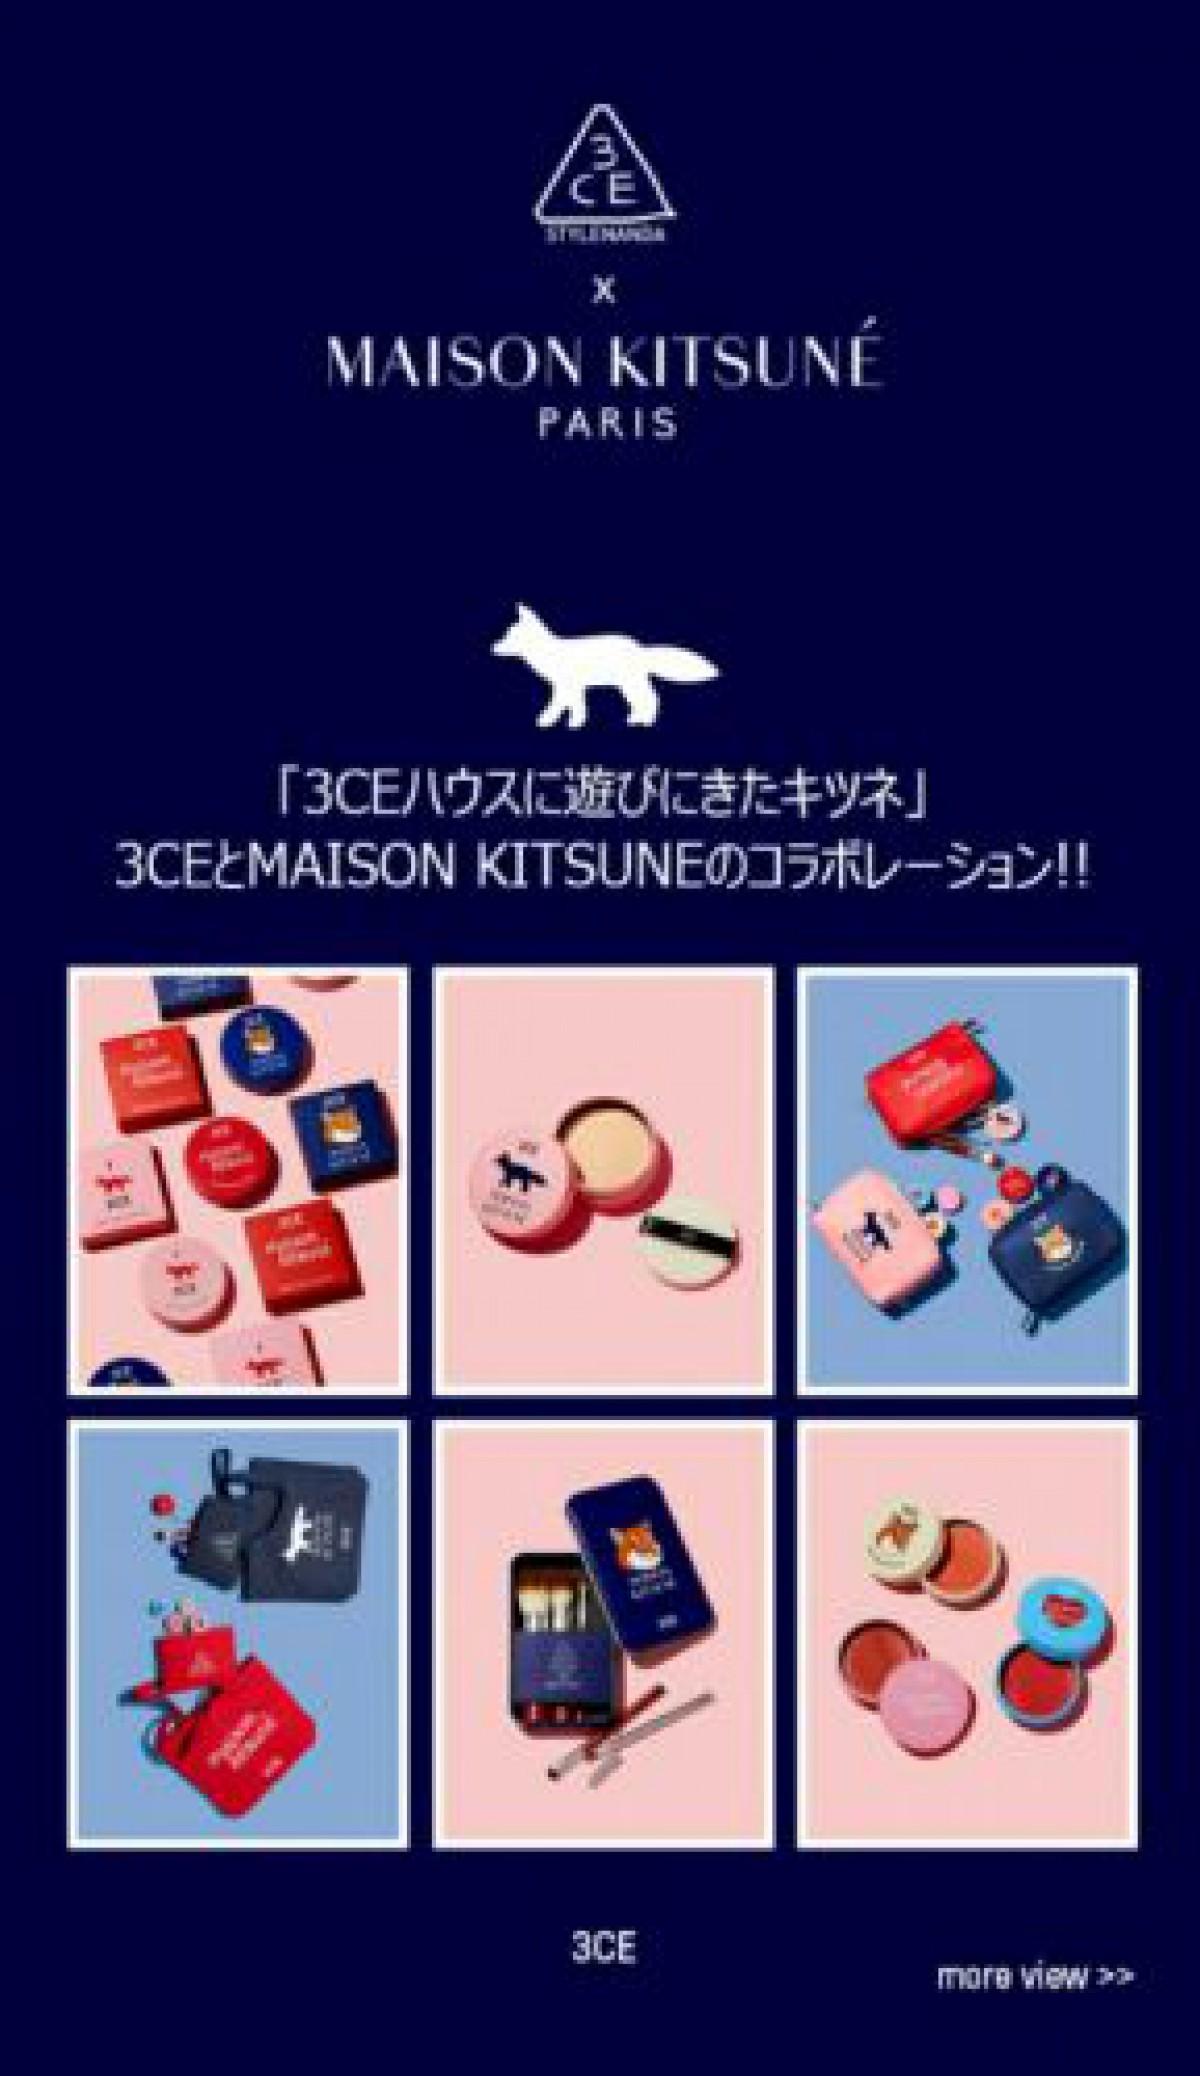 【韓国コスメ】3CE × メゾンキツネのコラボコスメが、可愛すぎる!!